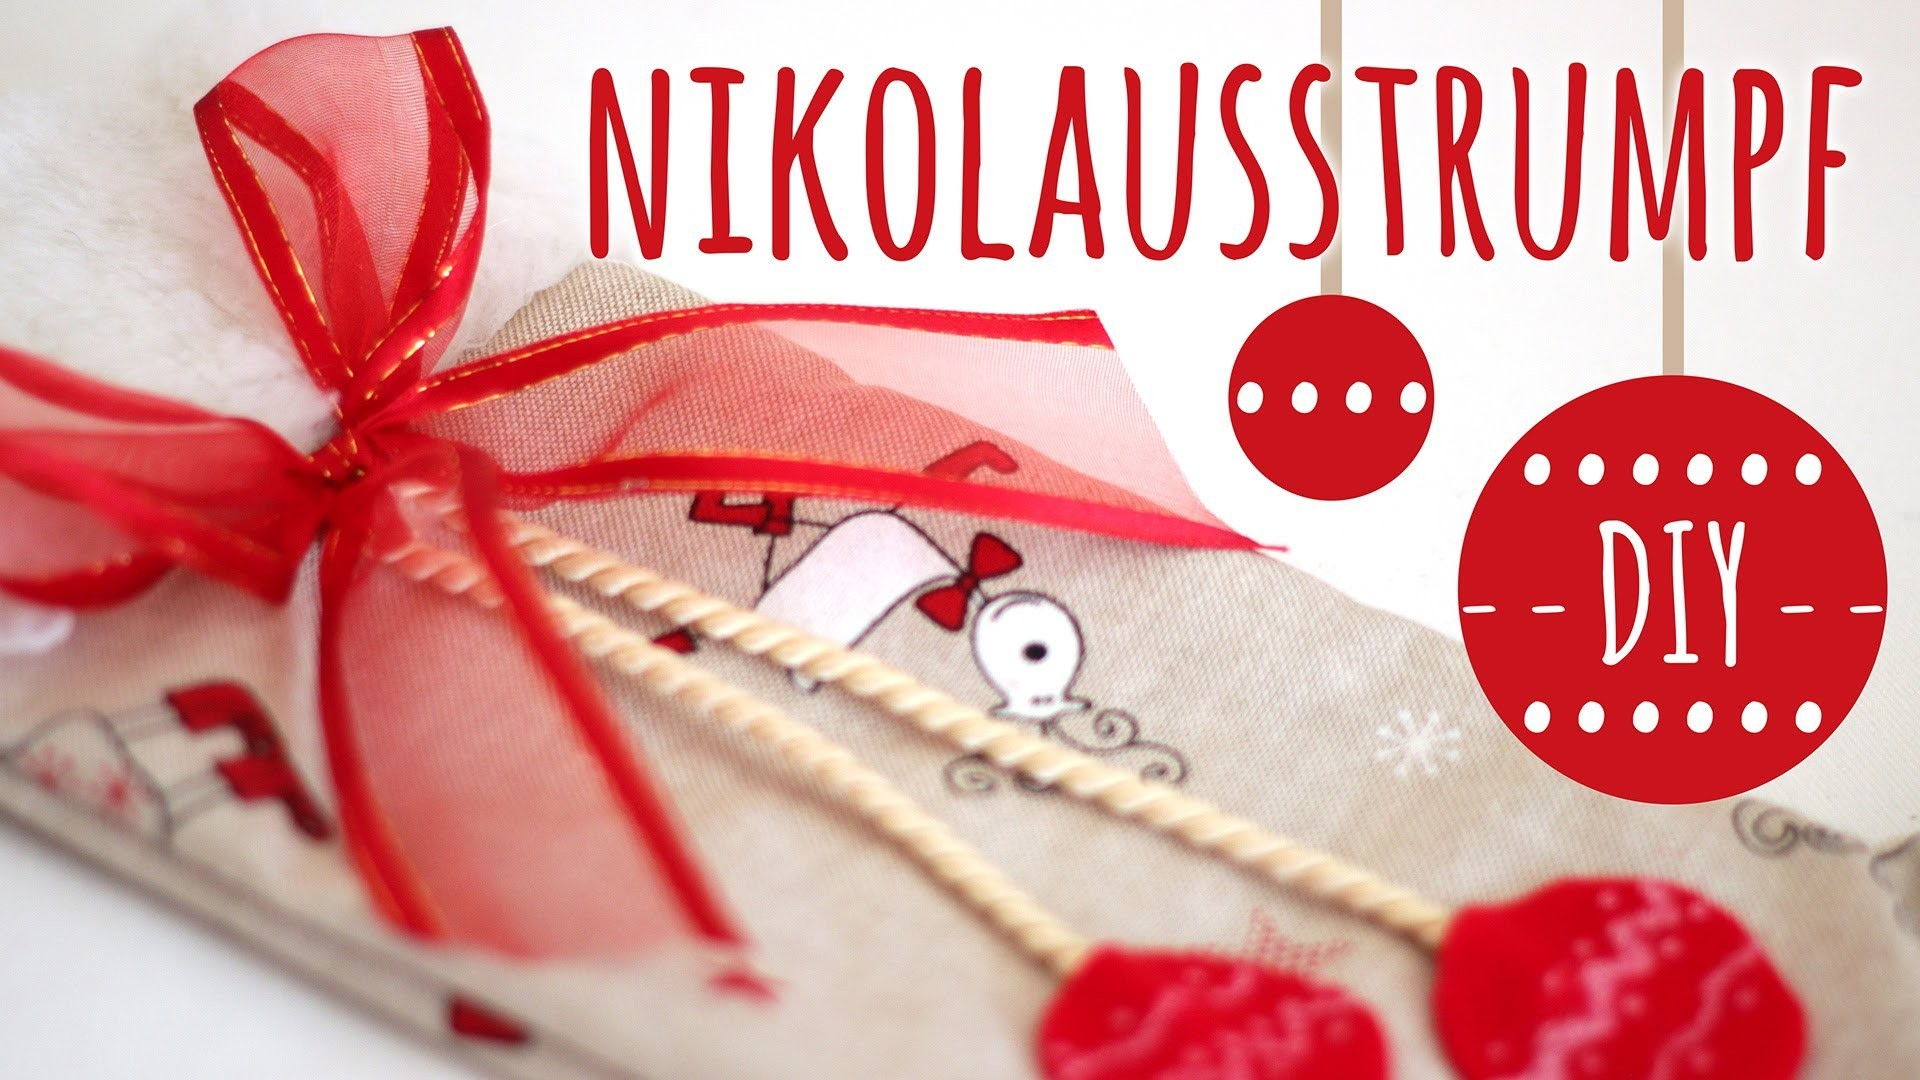 DIY Nikolausstrumpf l Weihnachtsdeko & Geschenkverpackung